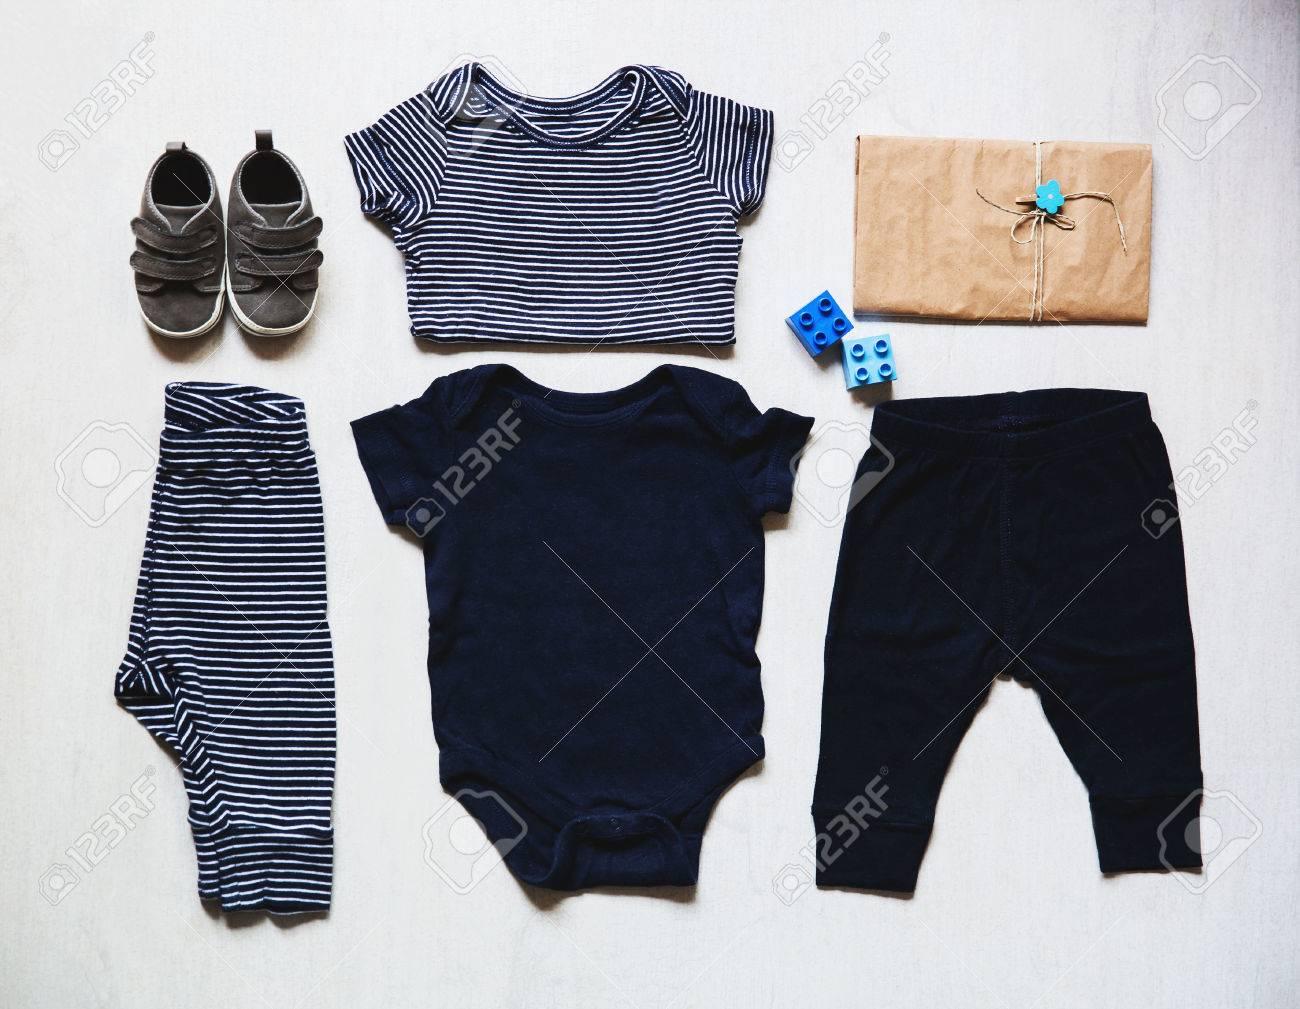 moda infantil y accesorios